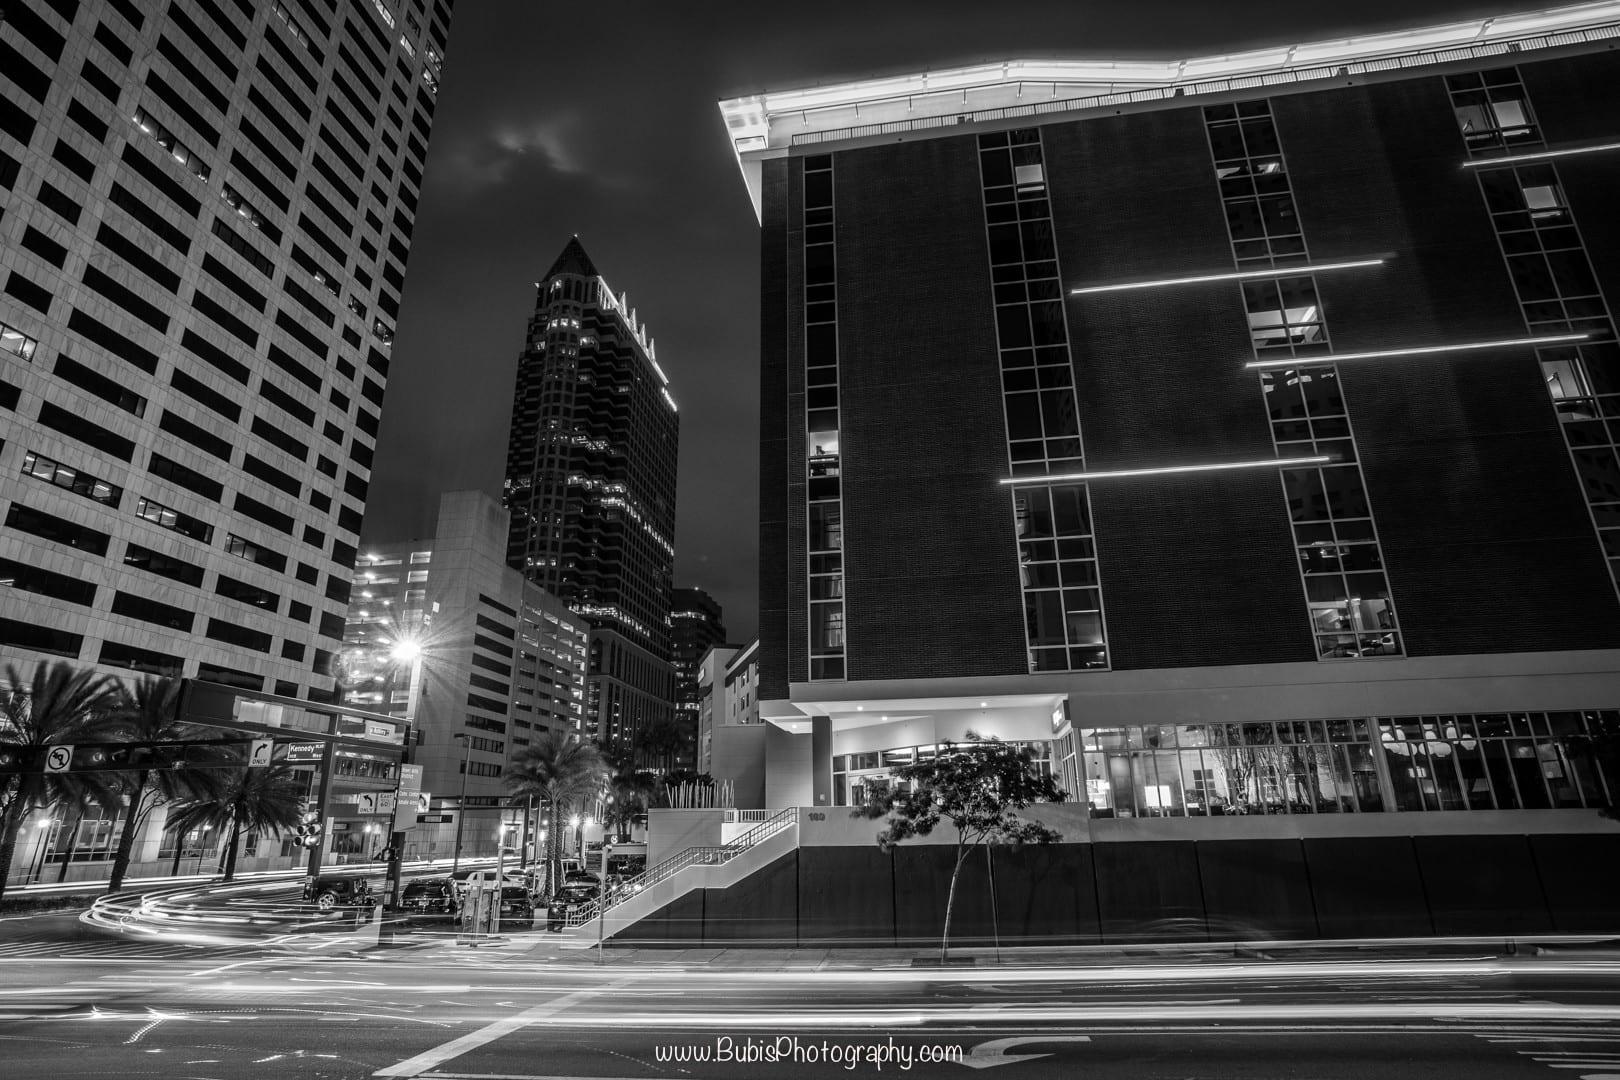 Downtown Tampa (B&W) by Dmitry Bubis